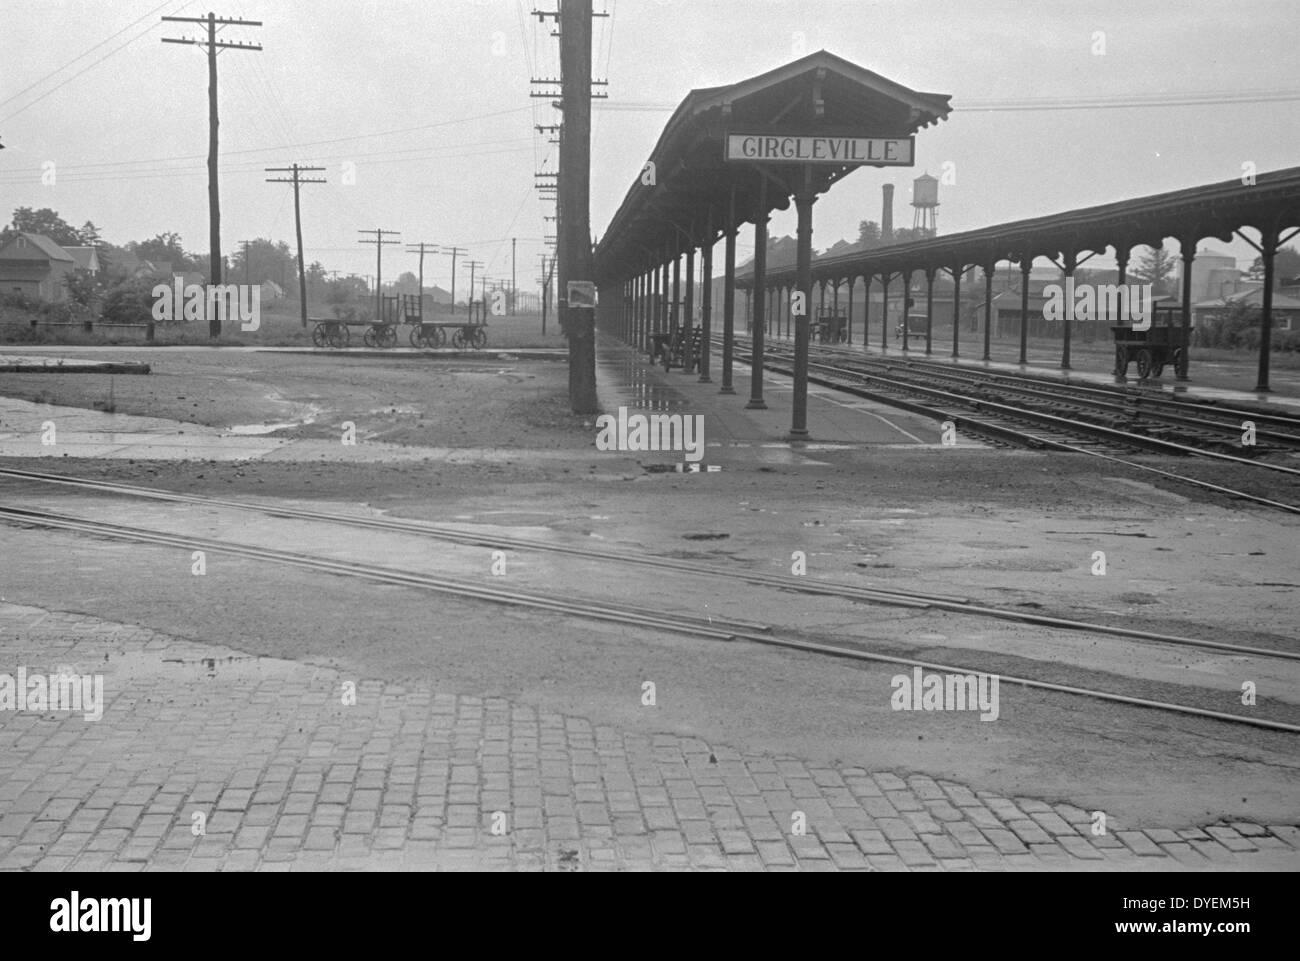 Stazione ferroviaria di Circleville, Ohio. Mostra le piattaforme deserta durante la grande depressione economica americana 1938 Immagini Stock